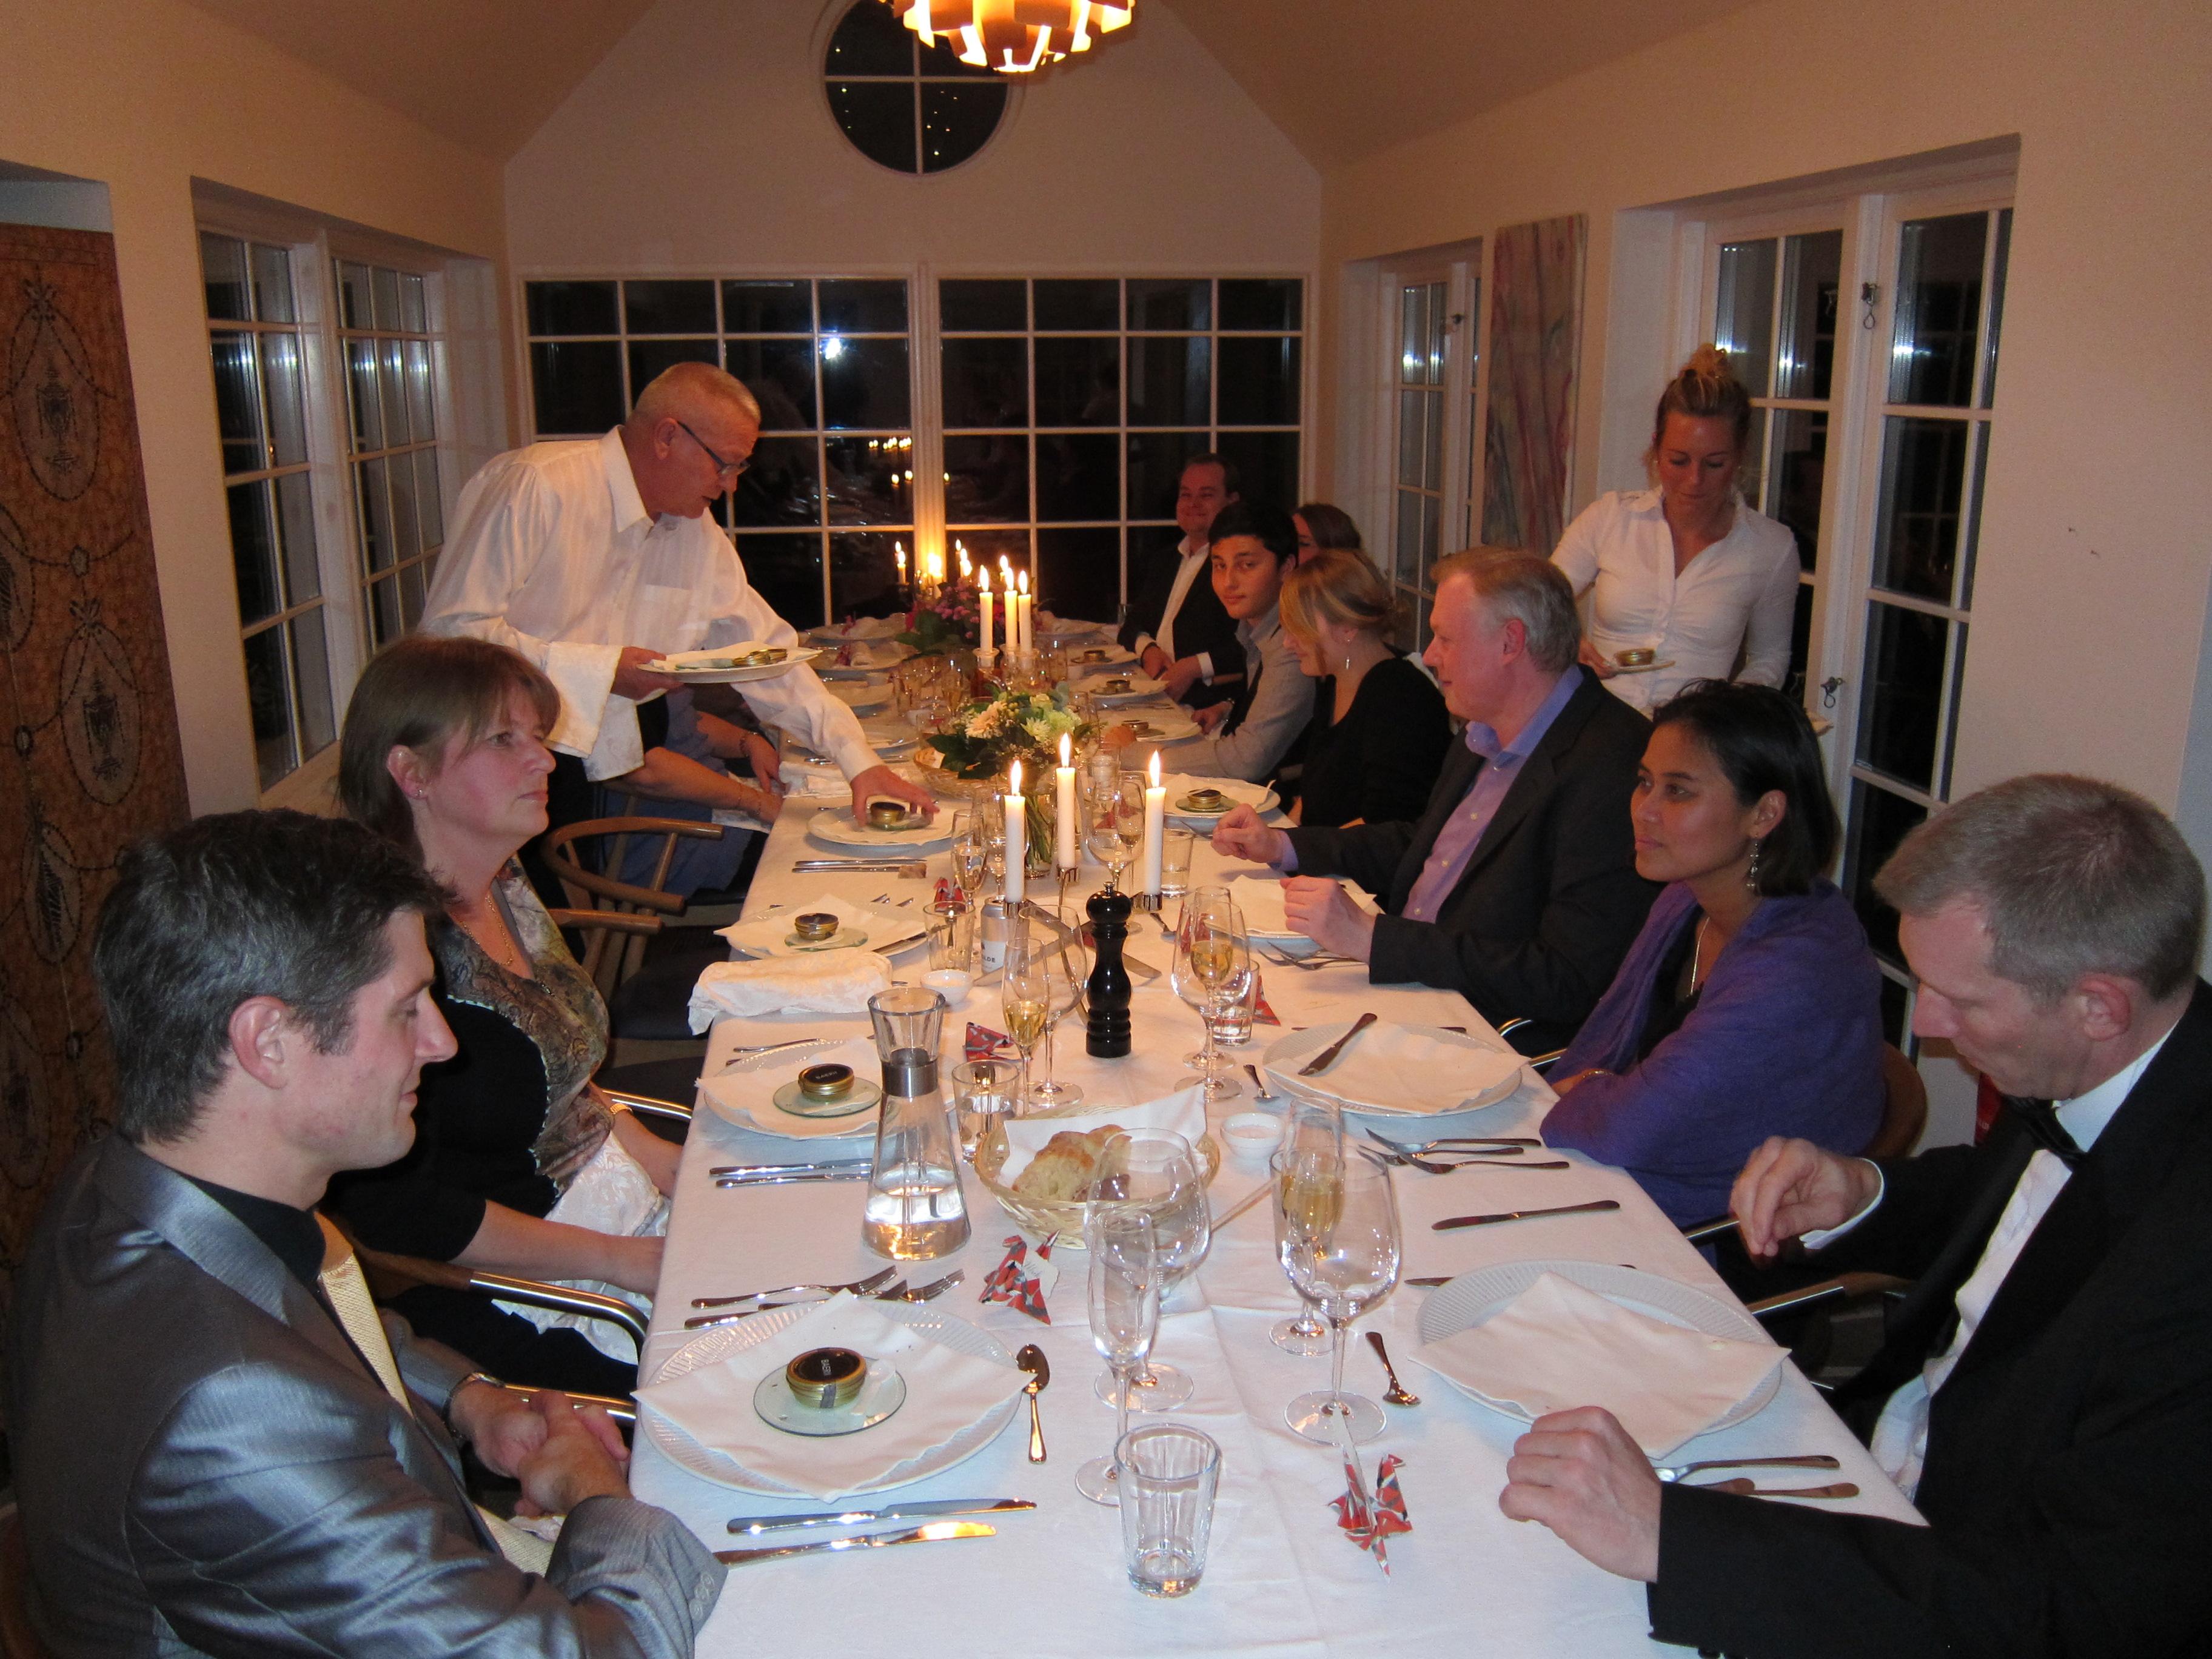 Middagsselskab på Ryethojgaard